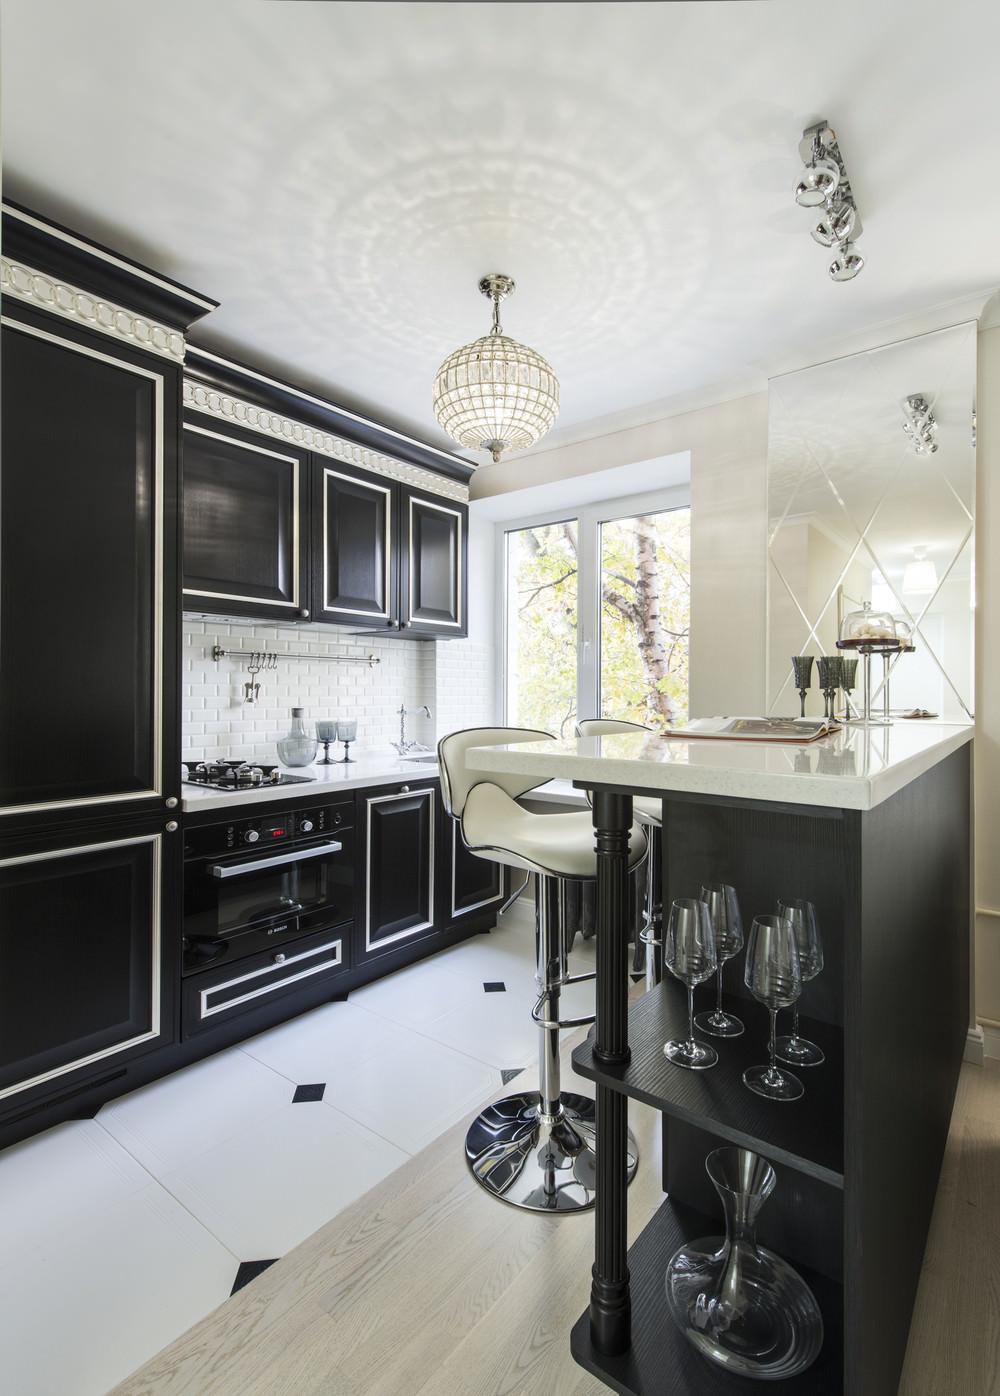 Черно-белая кухня с барной стойкой в стиле арт-деко